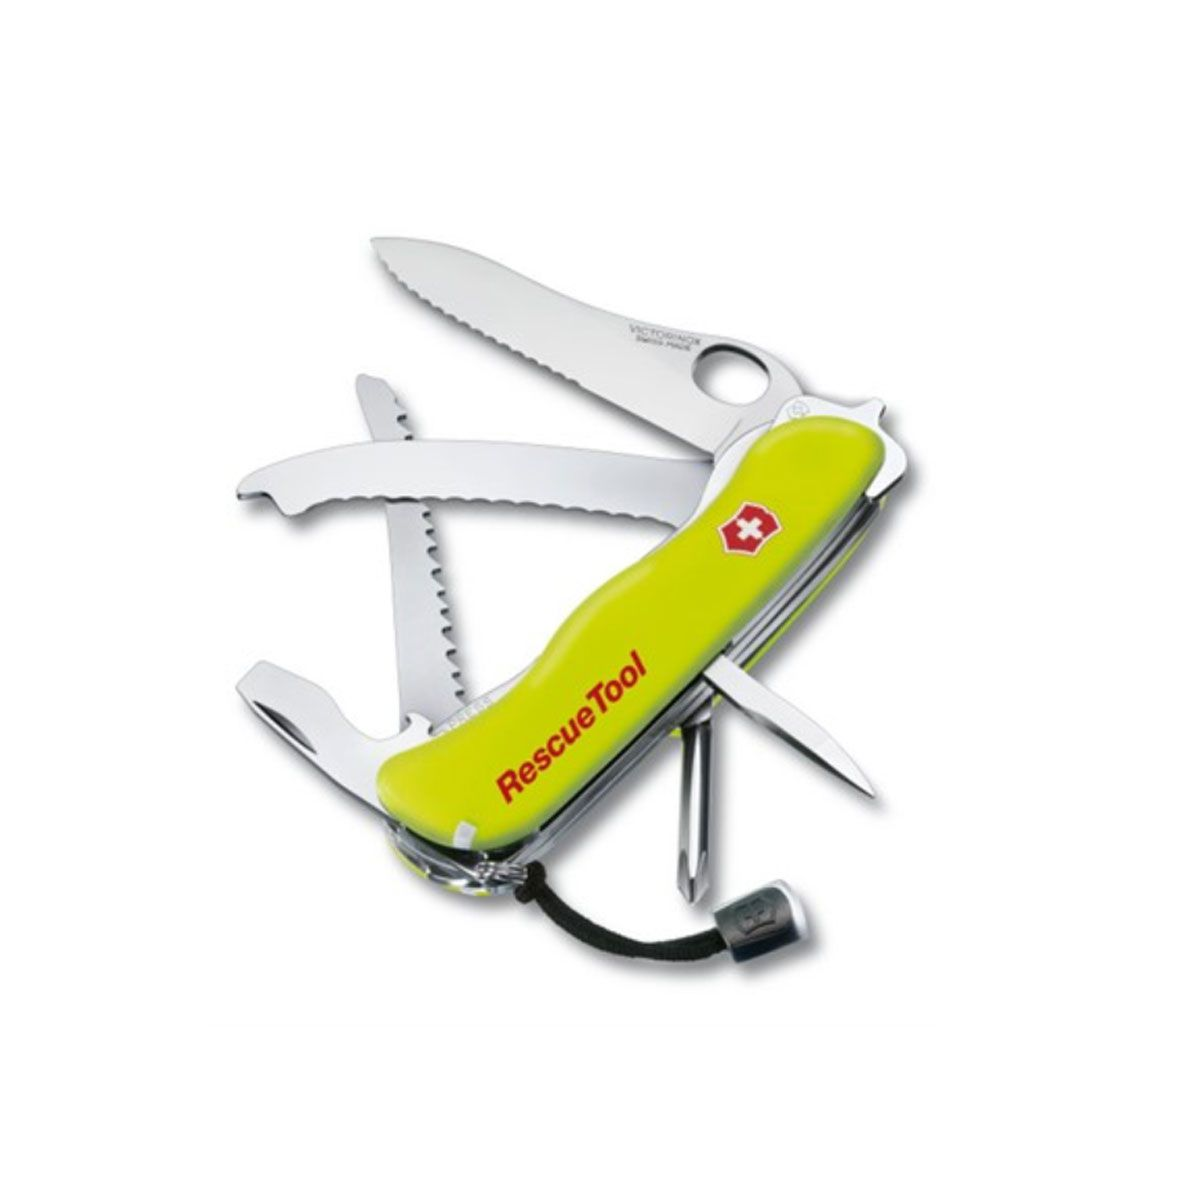 Canivete Victorinox Rescuetoll Fosforesc